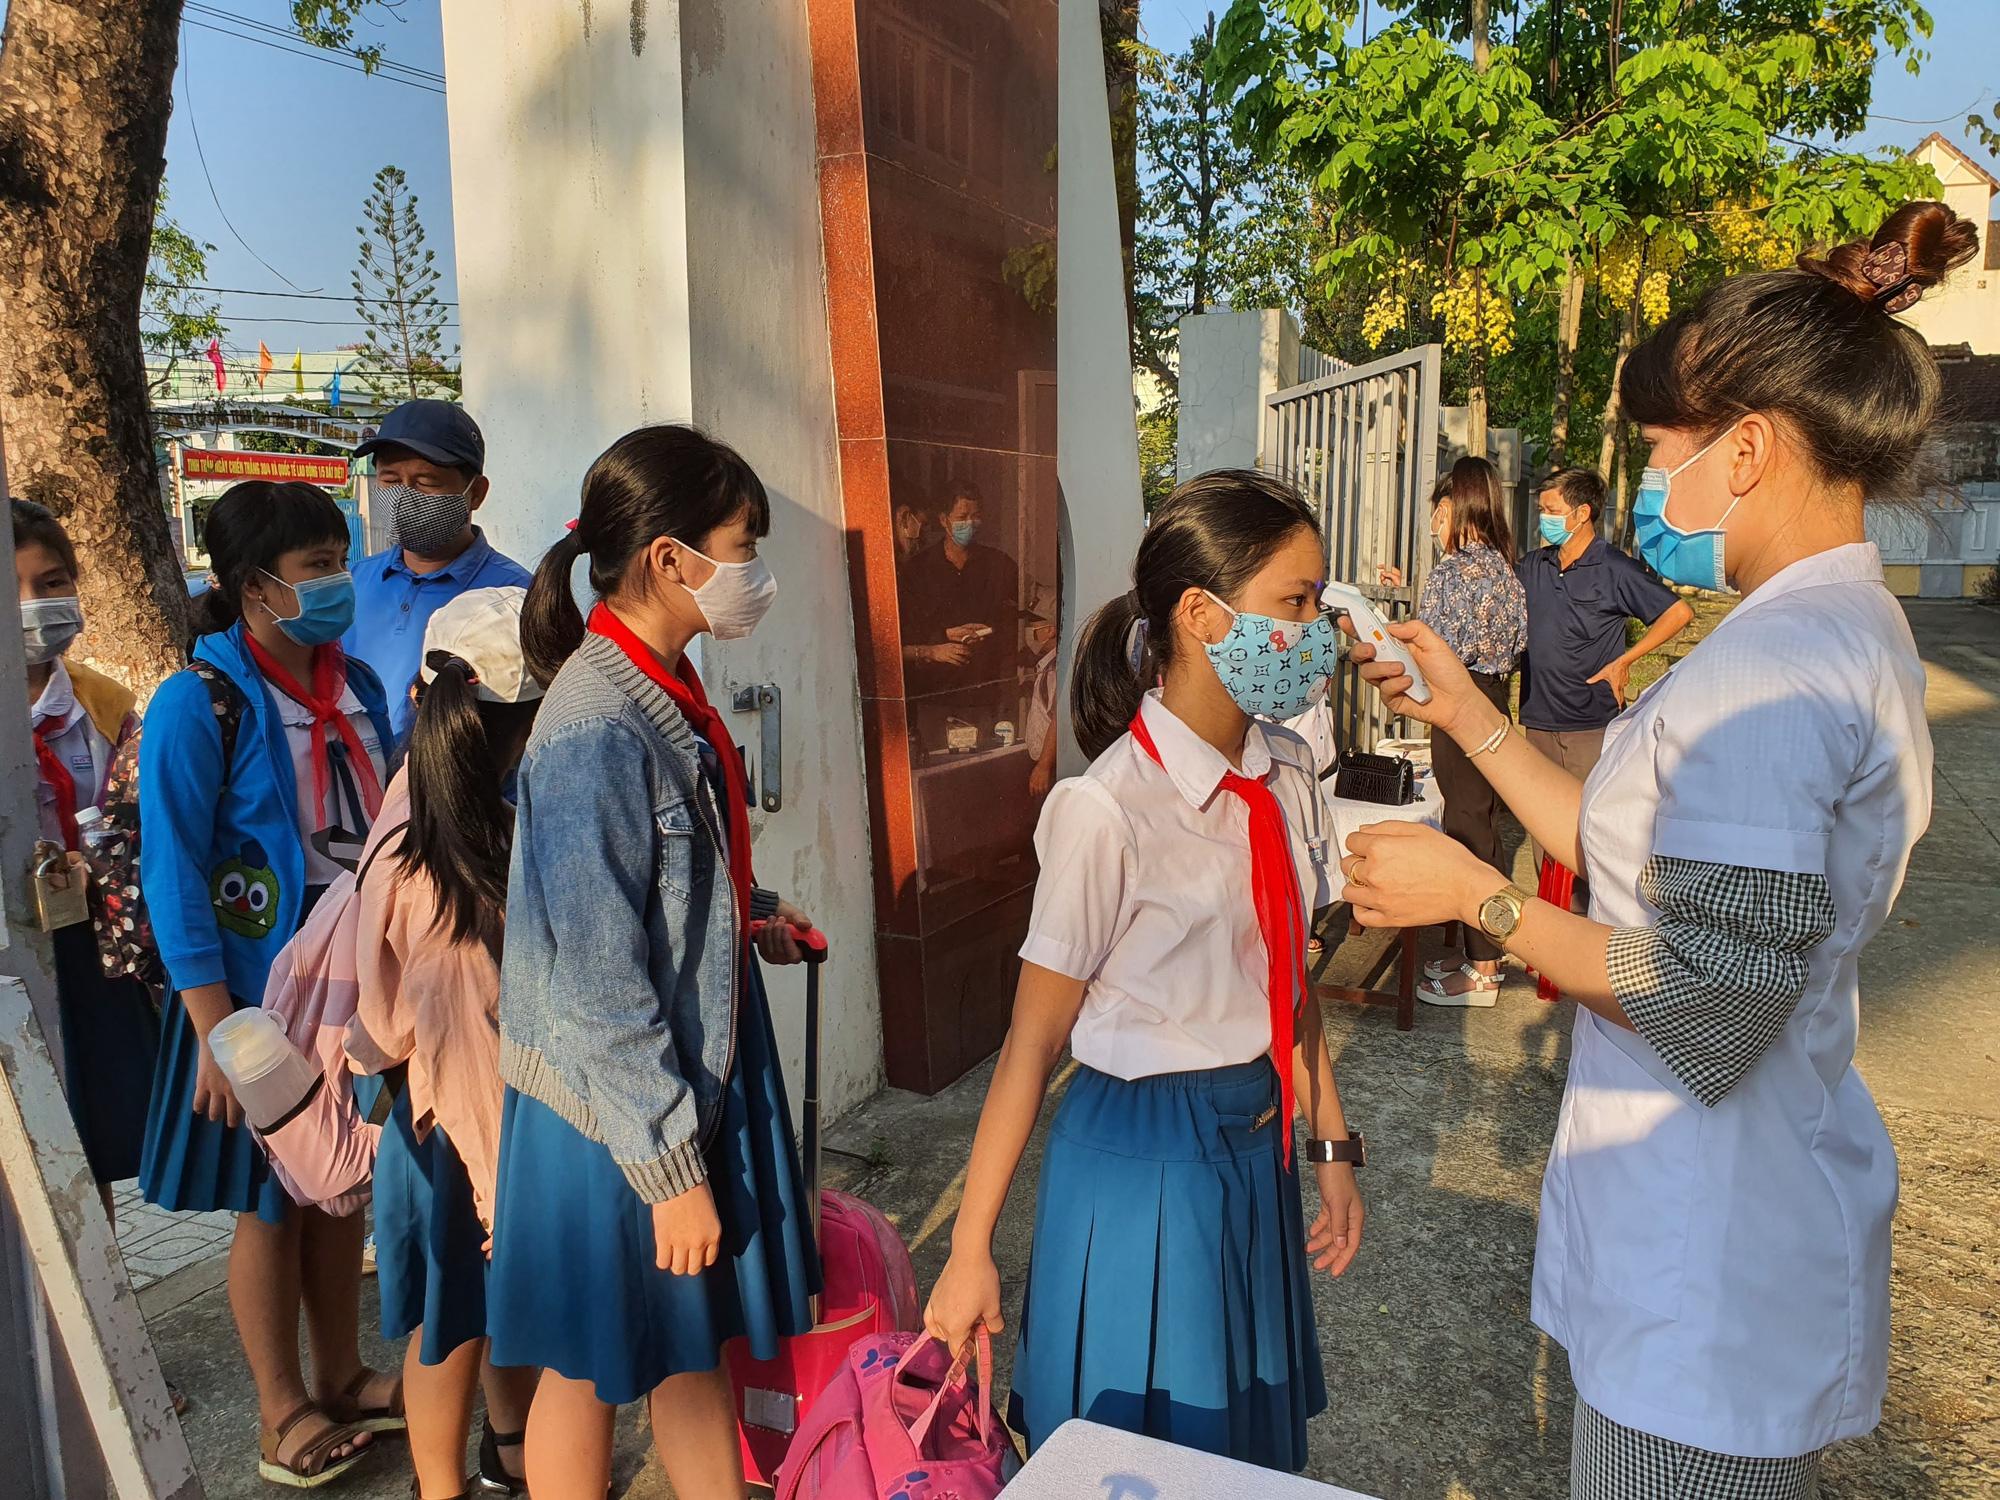 Quảng Nam: Ngày đầu đi học lại, trường khẩn trương khử trùng, học sinh được đo thân nhiệt trước khi vào lớp - Ảnh 3.